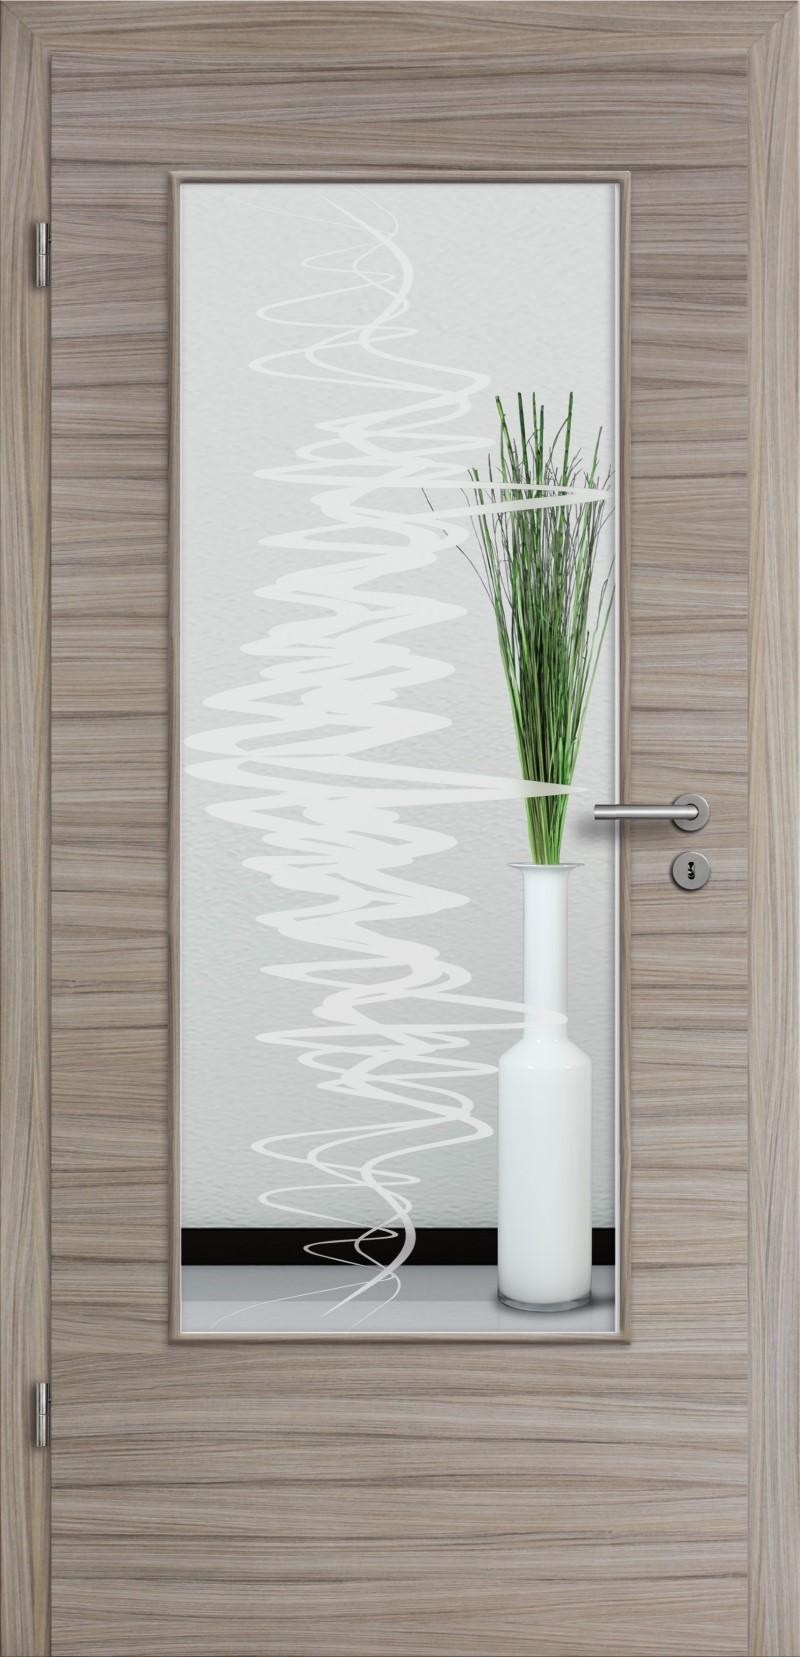 t r glattkante mit glasmotiv sand 37 cpl geb rstet. Black Bedroom Furniture Sets. Home Design Ideas